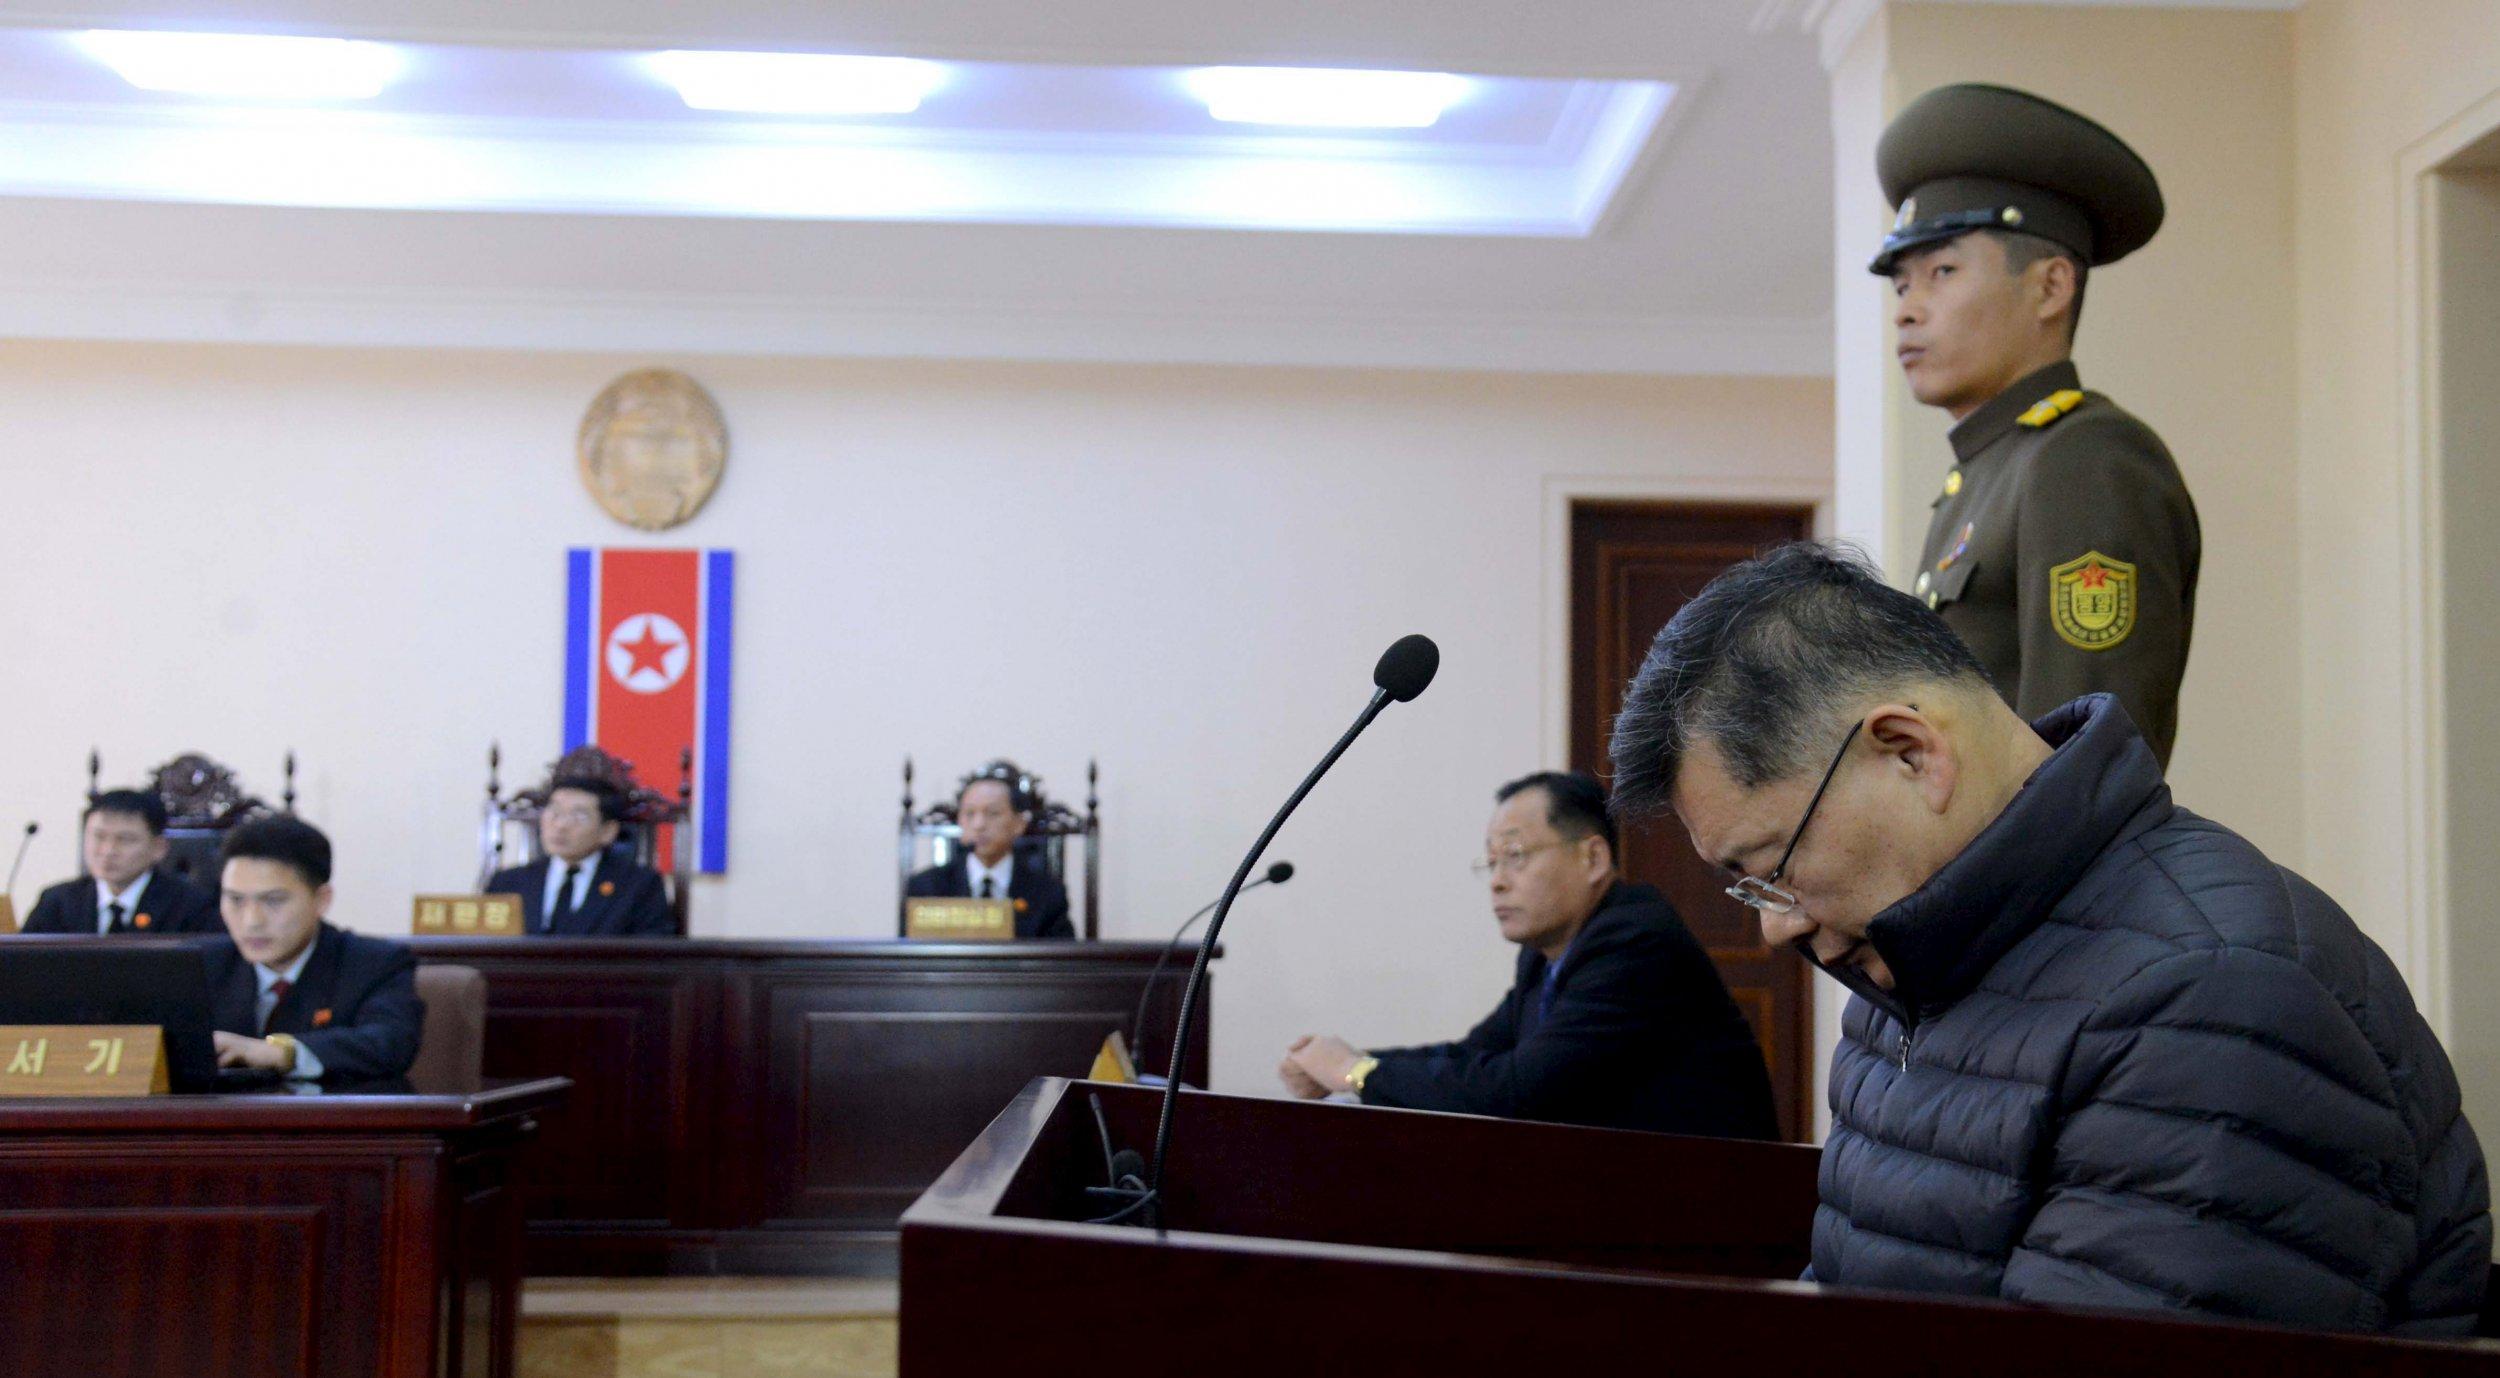 0111_NorthKorea_Pastor_Canada_US_01